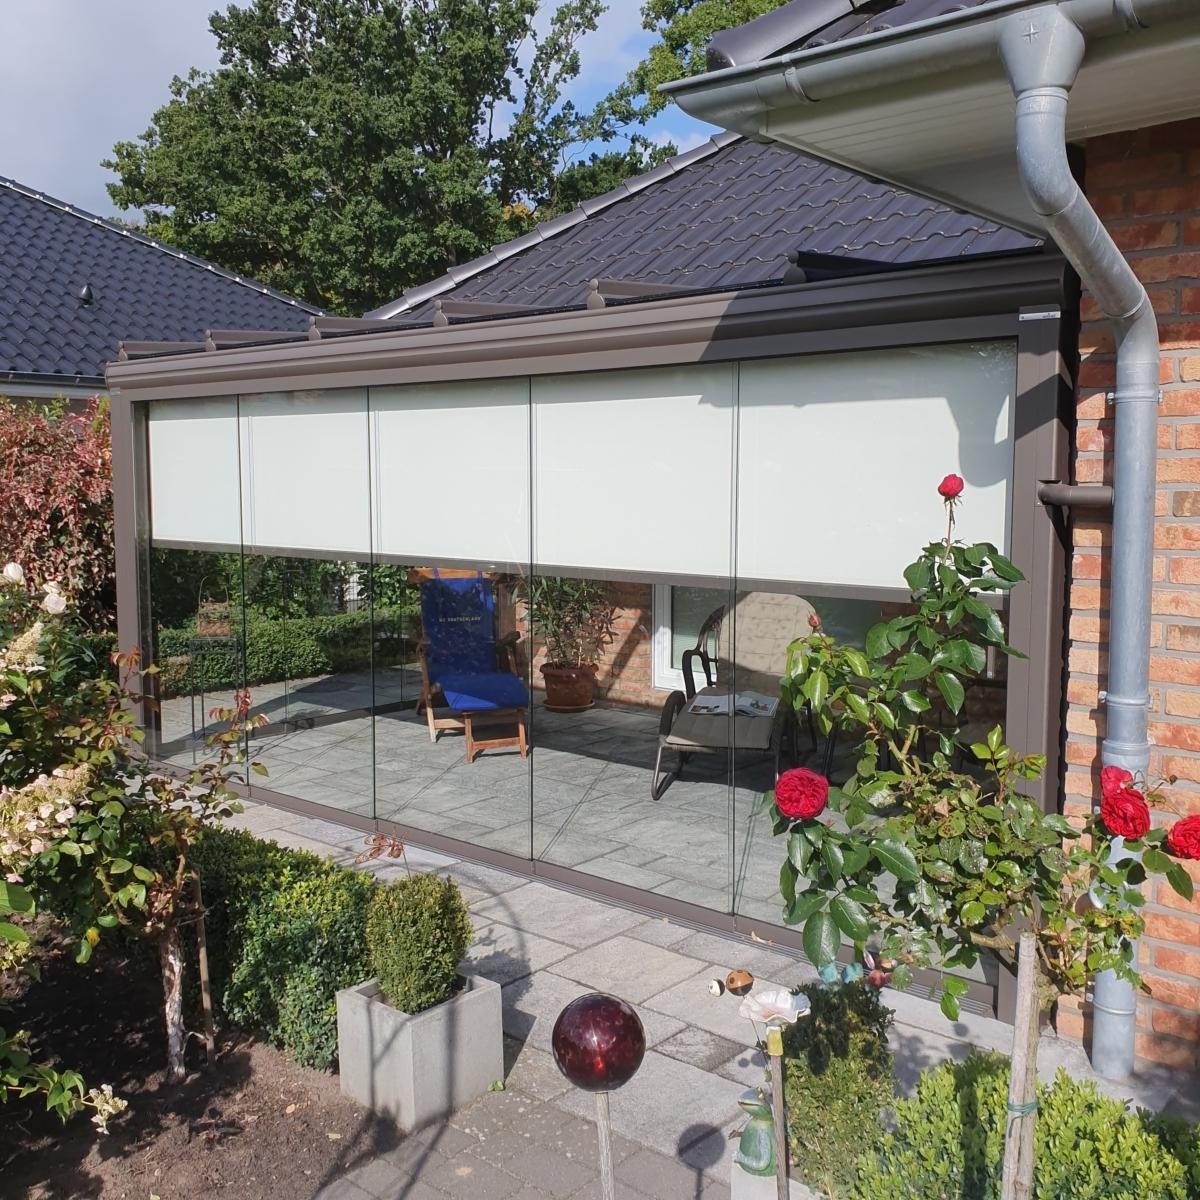 Kaltwintergarten aus Aluminium und Glas mit Schiebetüren